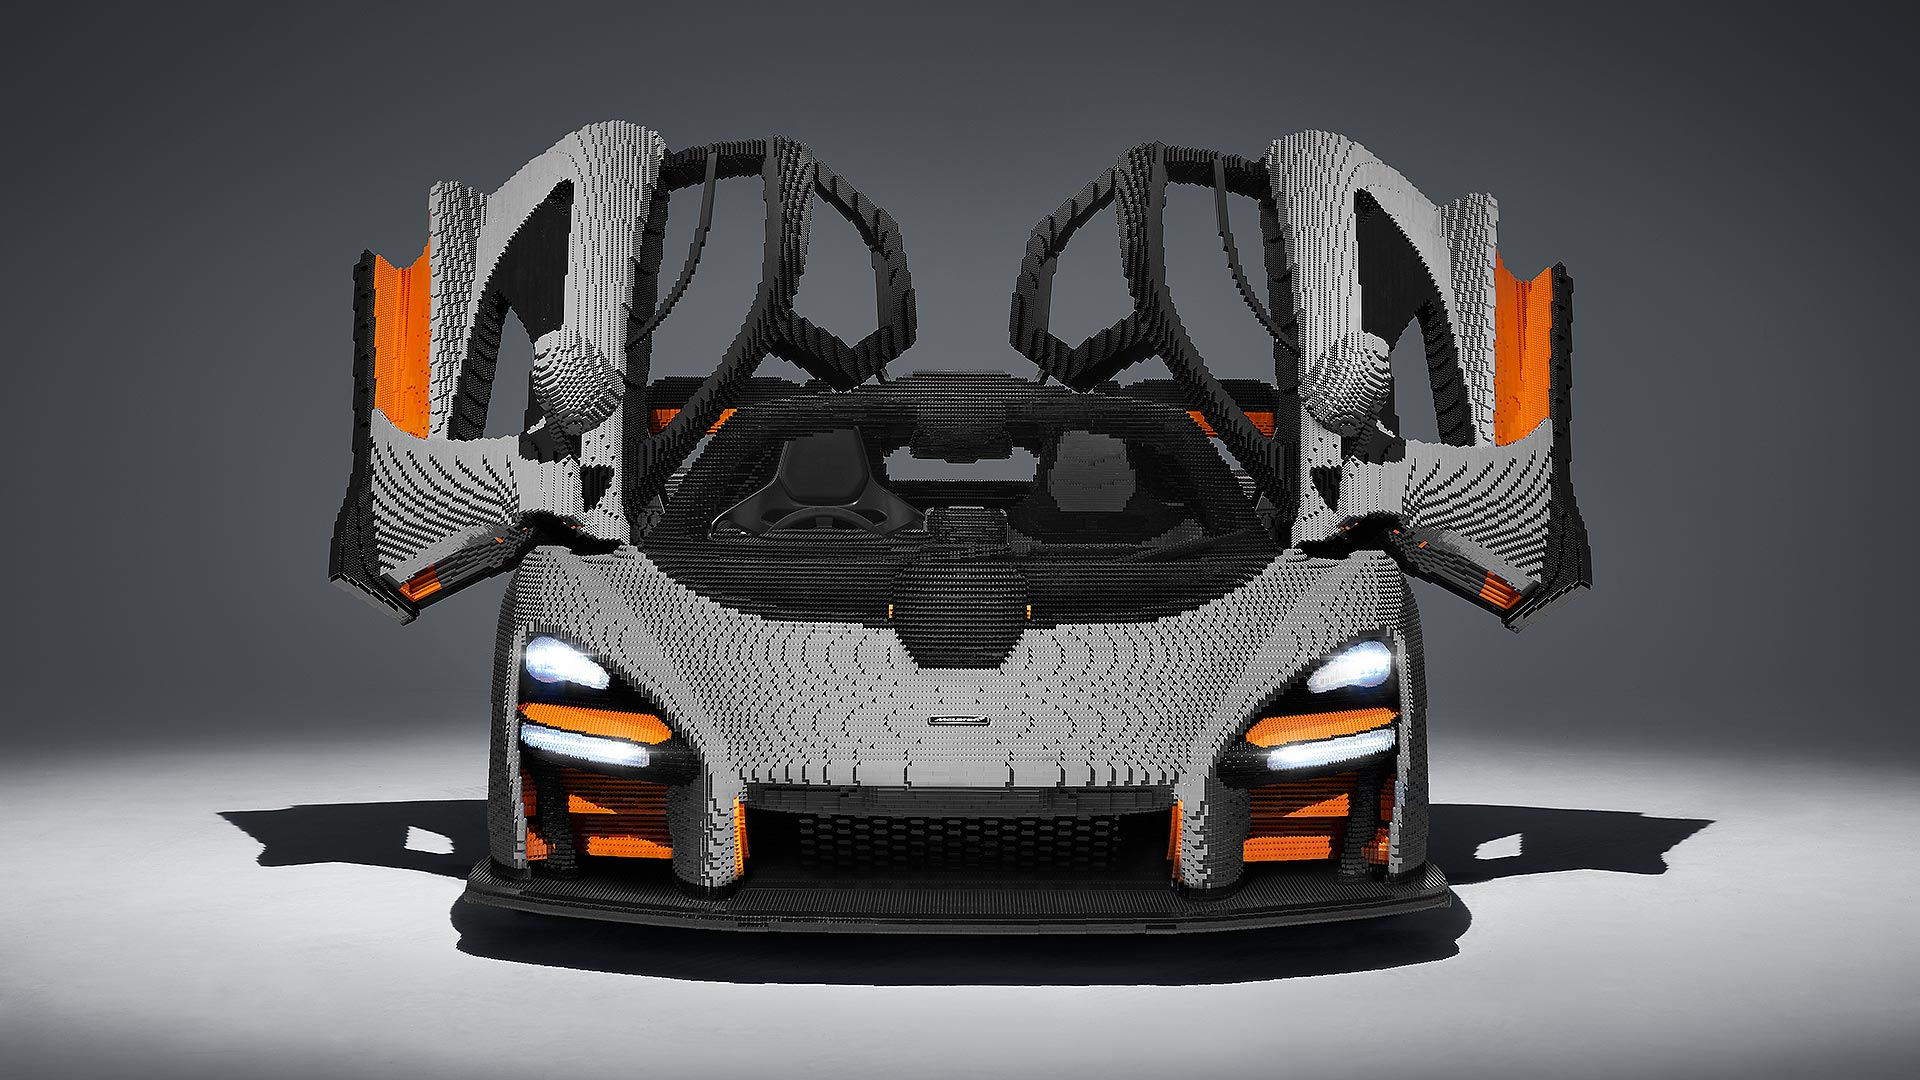 LEGO McLaren Senna front doors opened